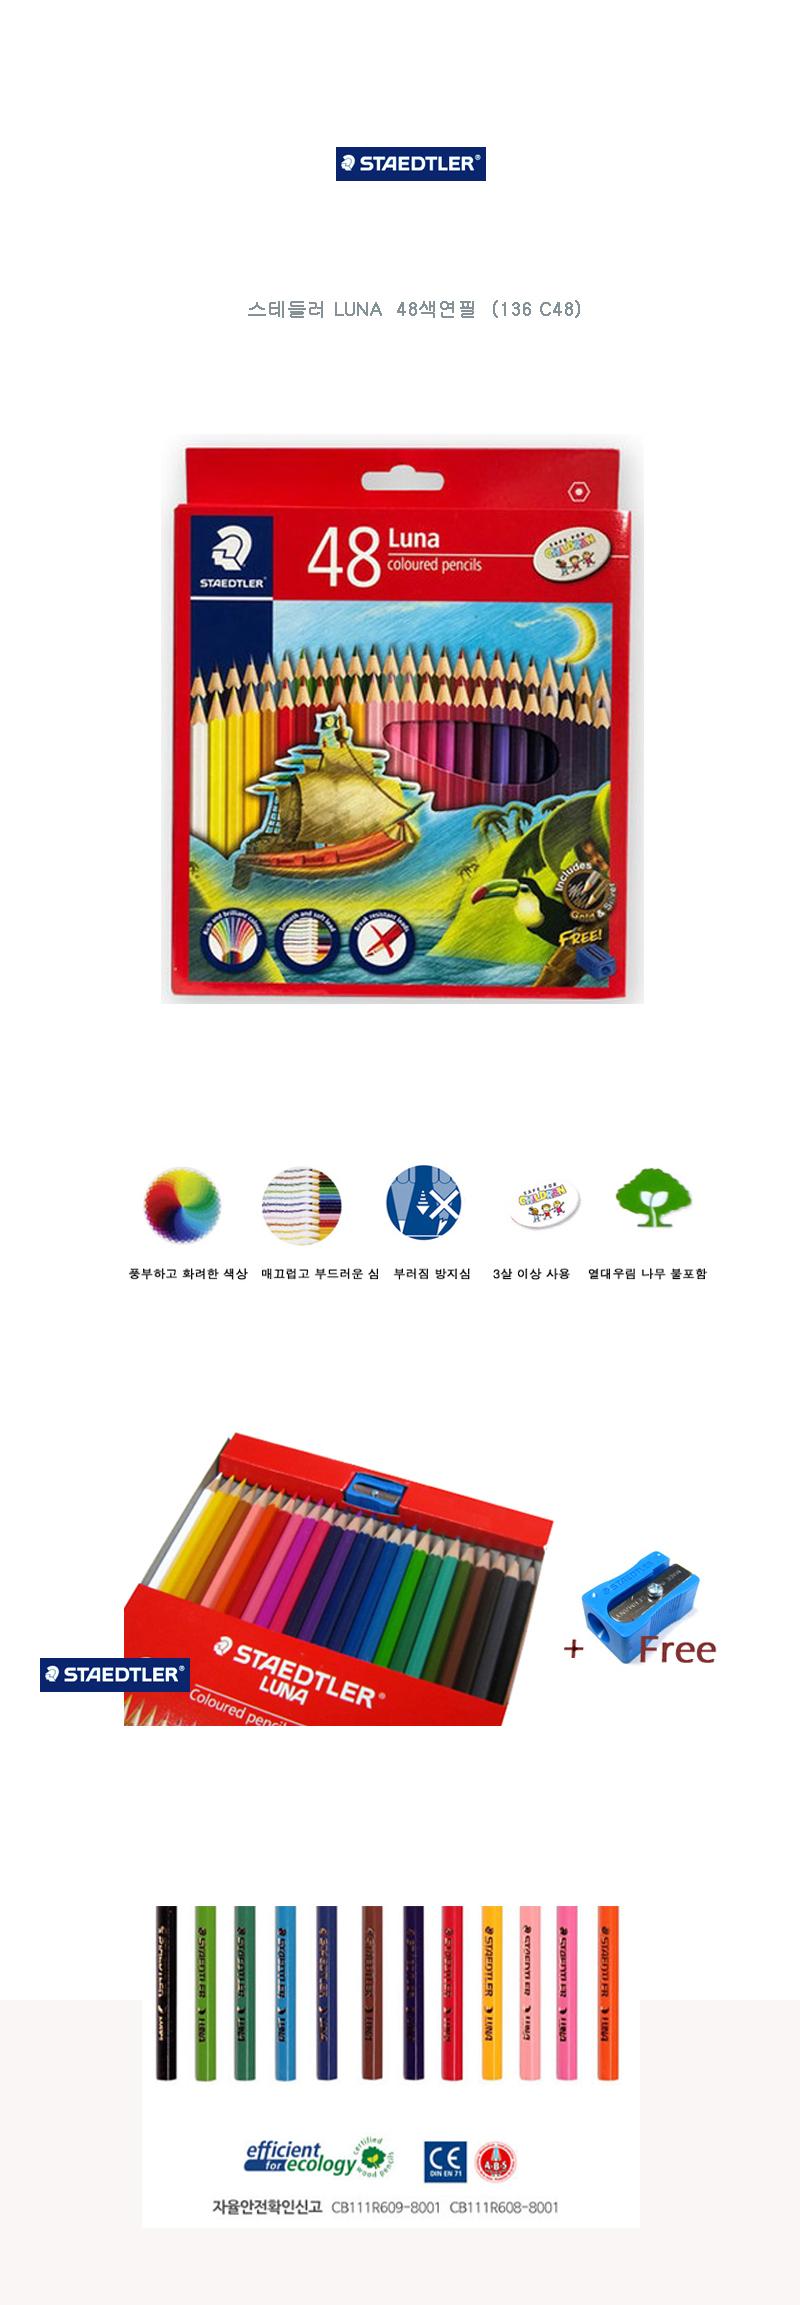 스테들러 루나 색연필 48색 136 C48 TH 연필깎이 포함 - 펜스테이션, 10,000원, 볼펜, 멀티색상 볼펜